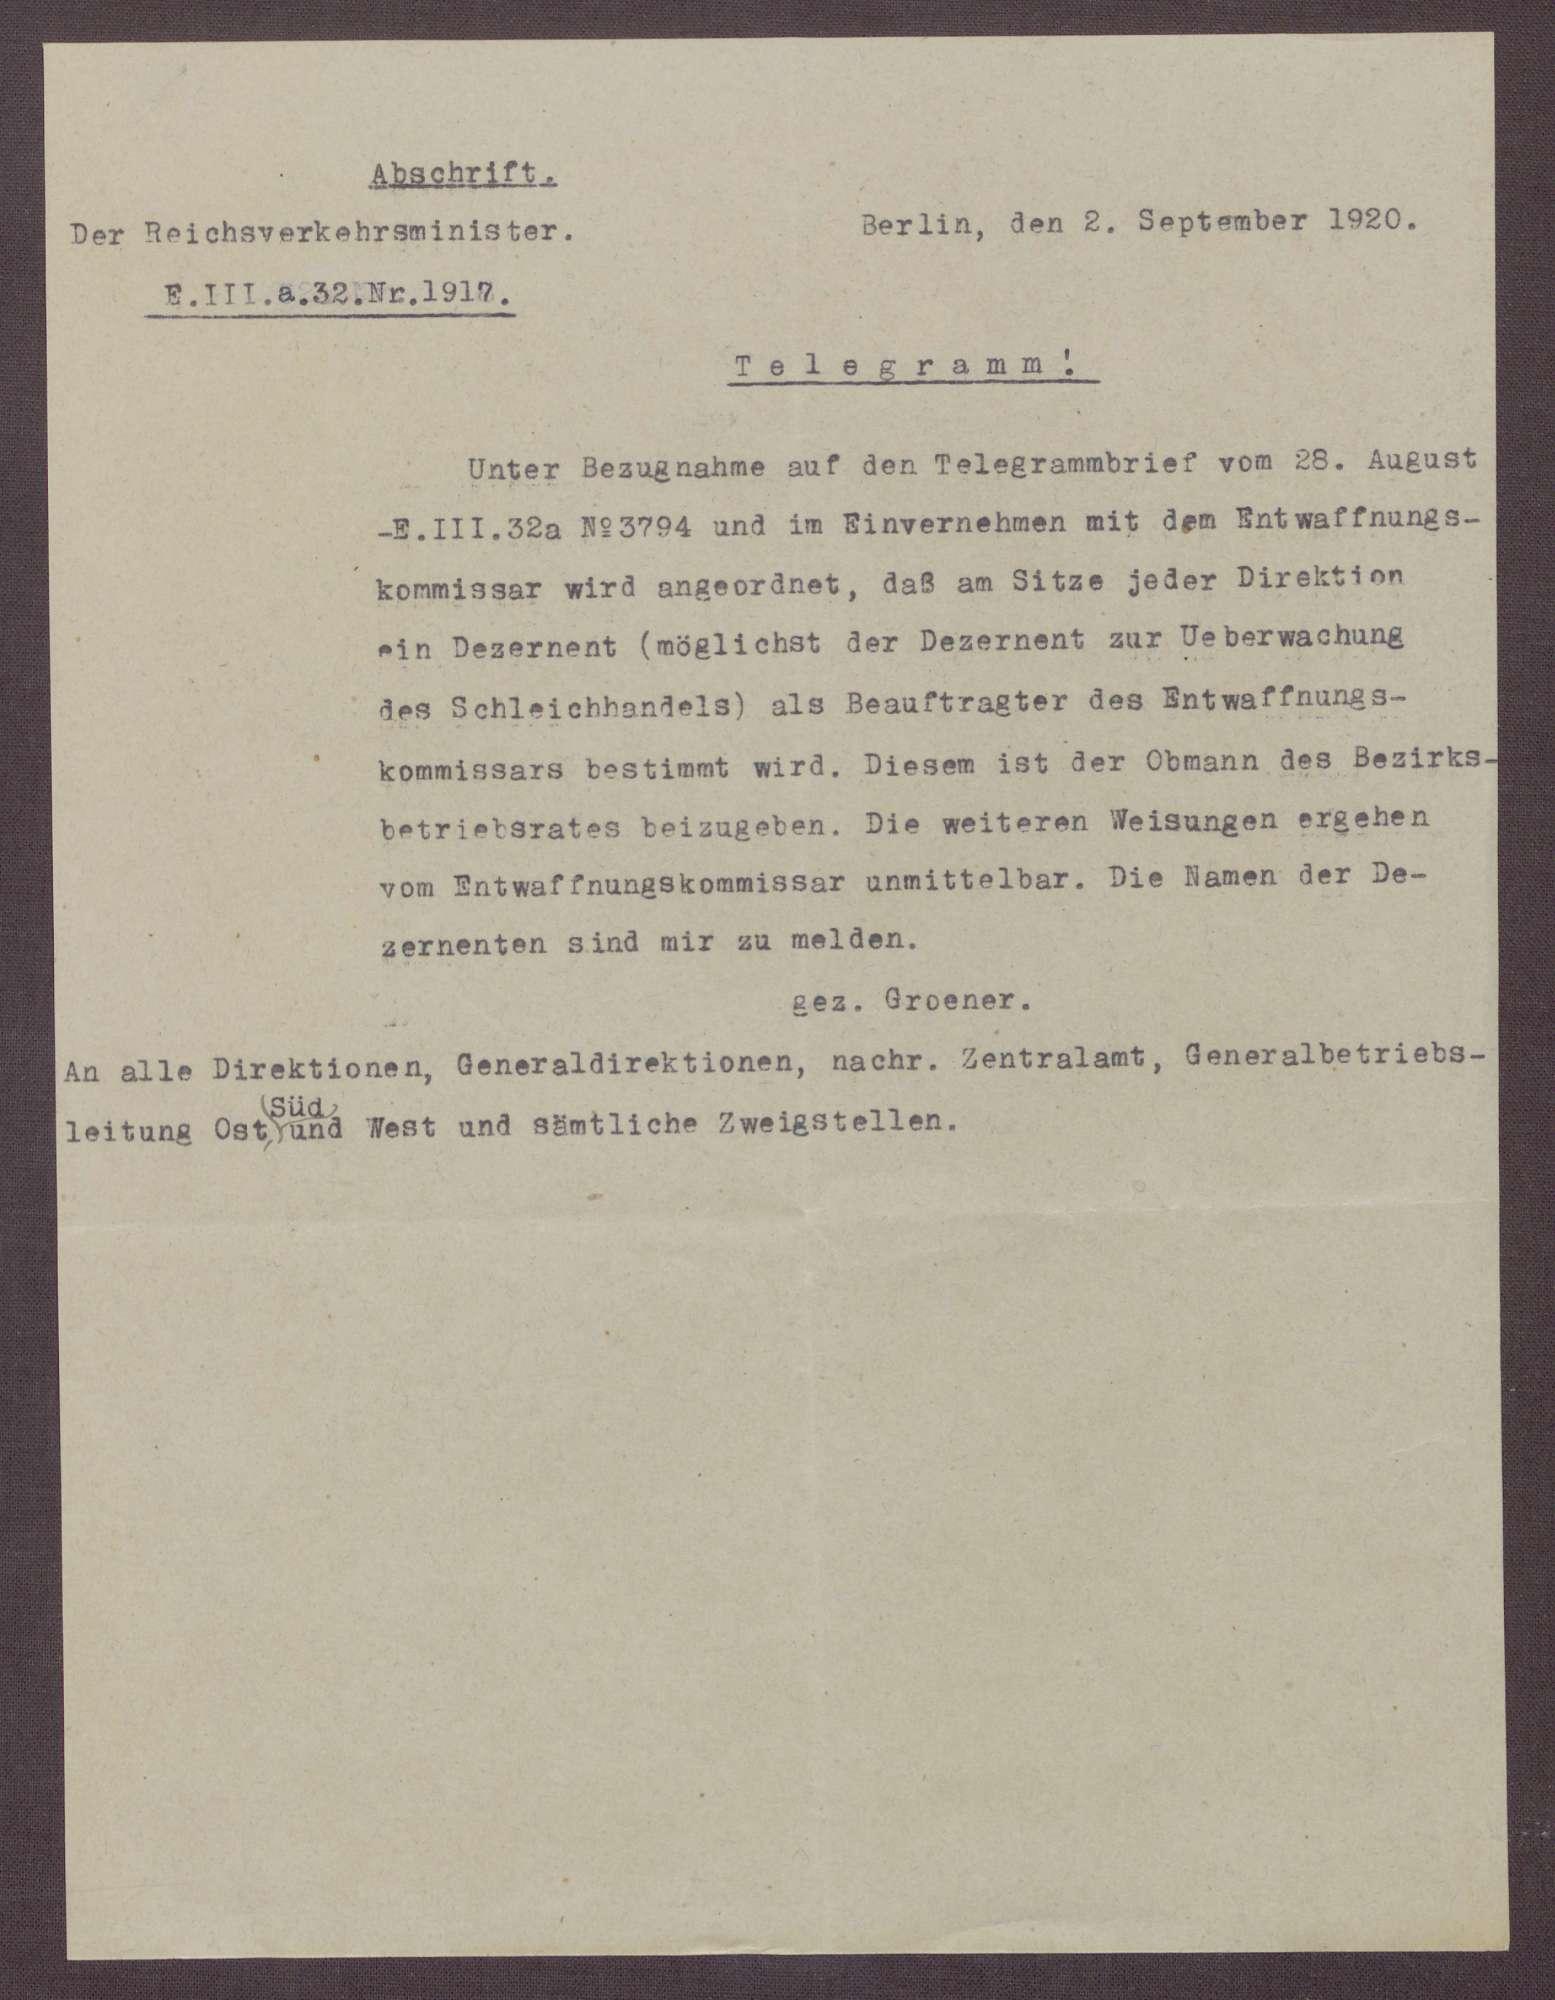 Telegramm von Wilhelm Groener, Umsetzung der Kontrolle der Entwaffnung, Bild 2